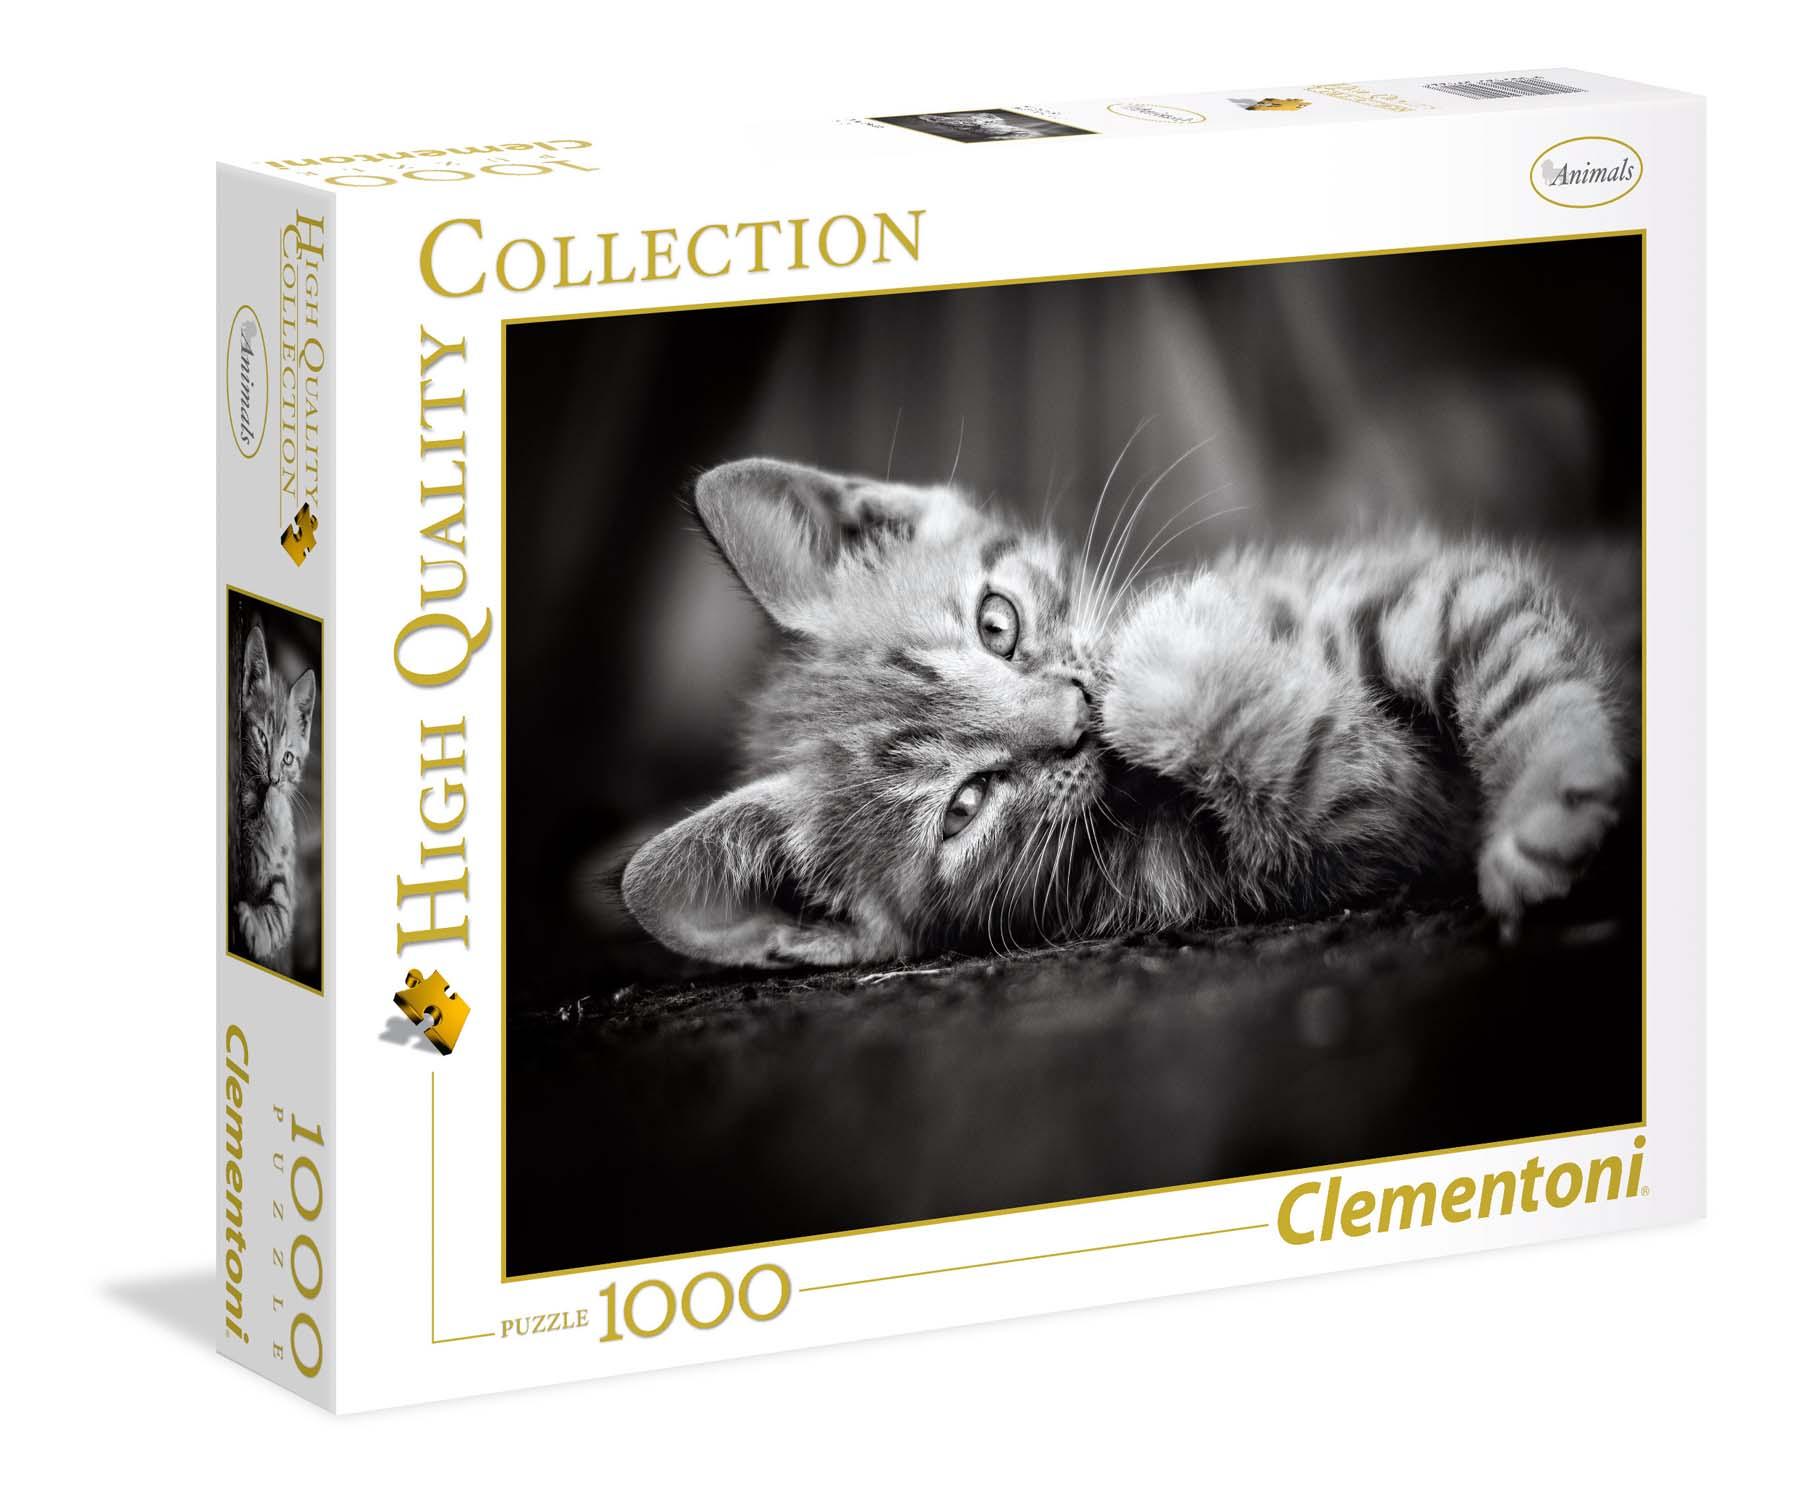 Merchandising Clementoni: Puzzle 1000 Pz - High Quality Collection - Kitty NUOVO SIGILLATO, EDIZIONE DEL 07/03/2018 DISPO ENTRO UN MESE, SU ORDINAZIONE